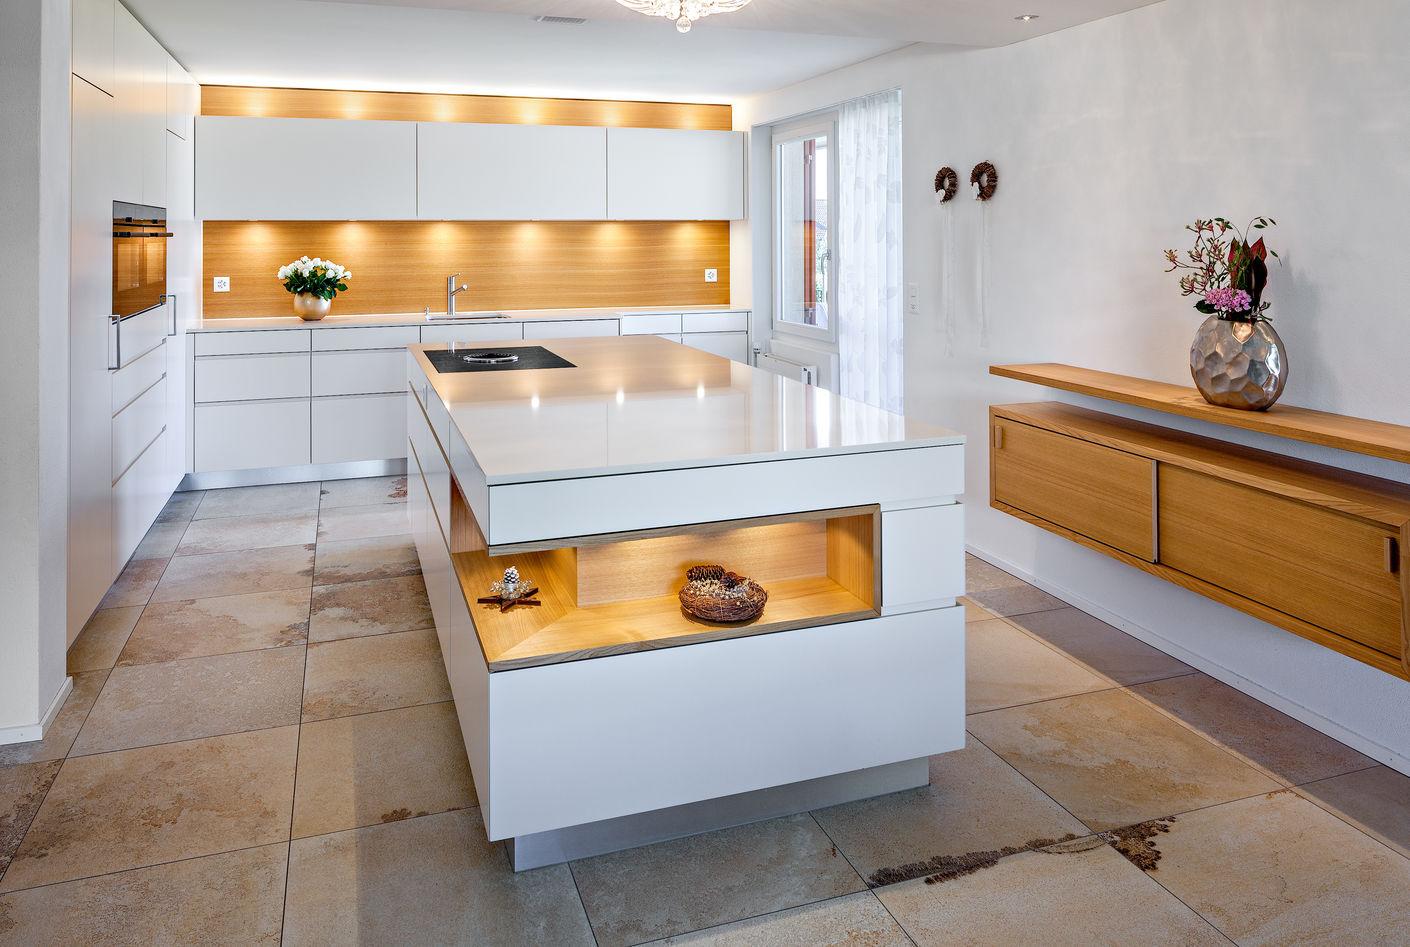 Träume verwirklichen! PATRICIA WHITE CHESTNUT, Gewinnerin Swiss Kitchen Gold Award 2017, Kategorie Bester Küchenumbau der Schweiz. Design mit Charakter und Ästhetik - und 100% Swissness.